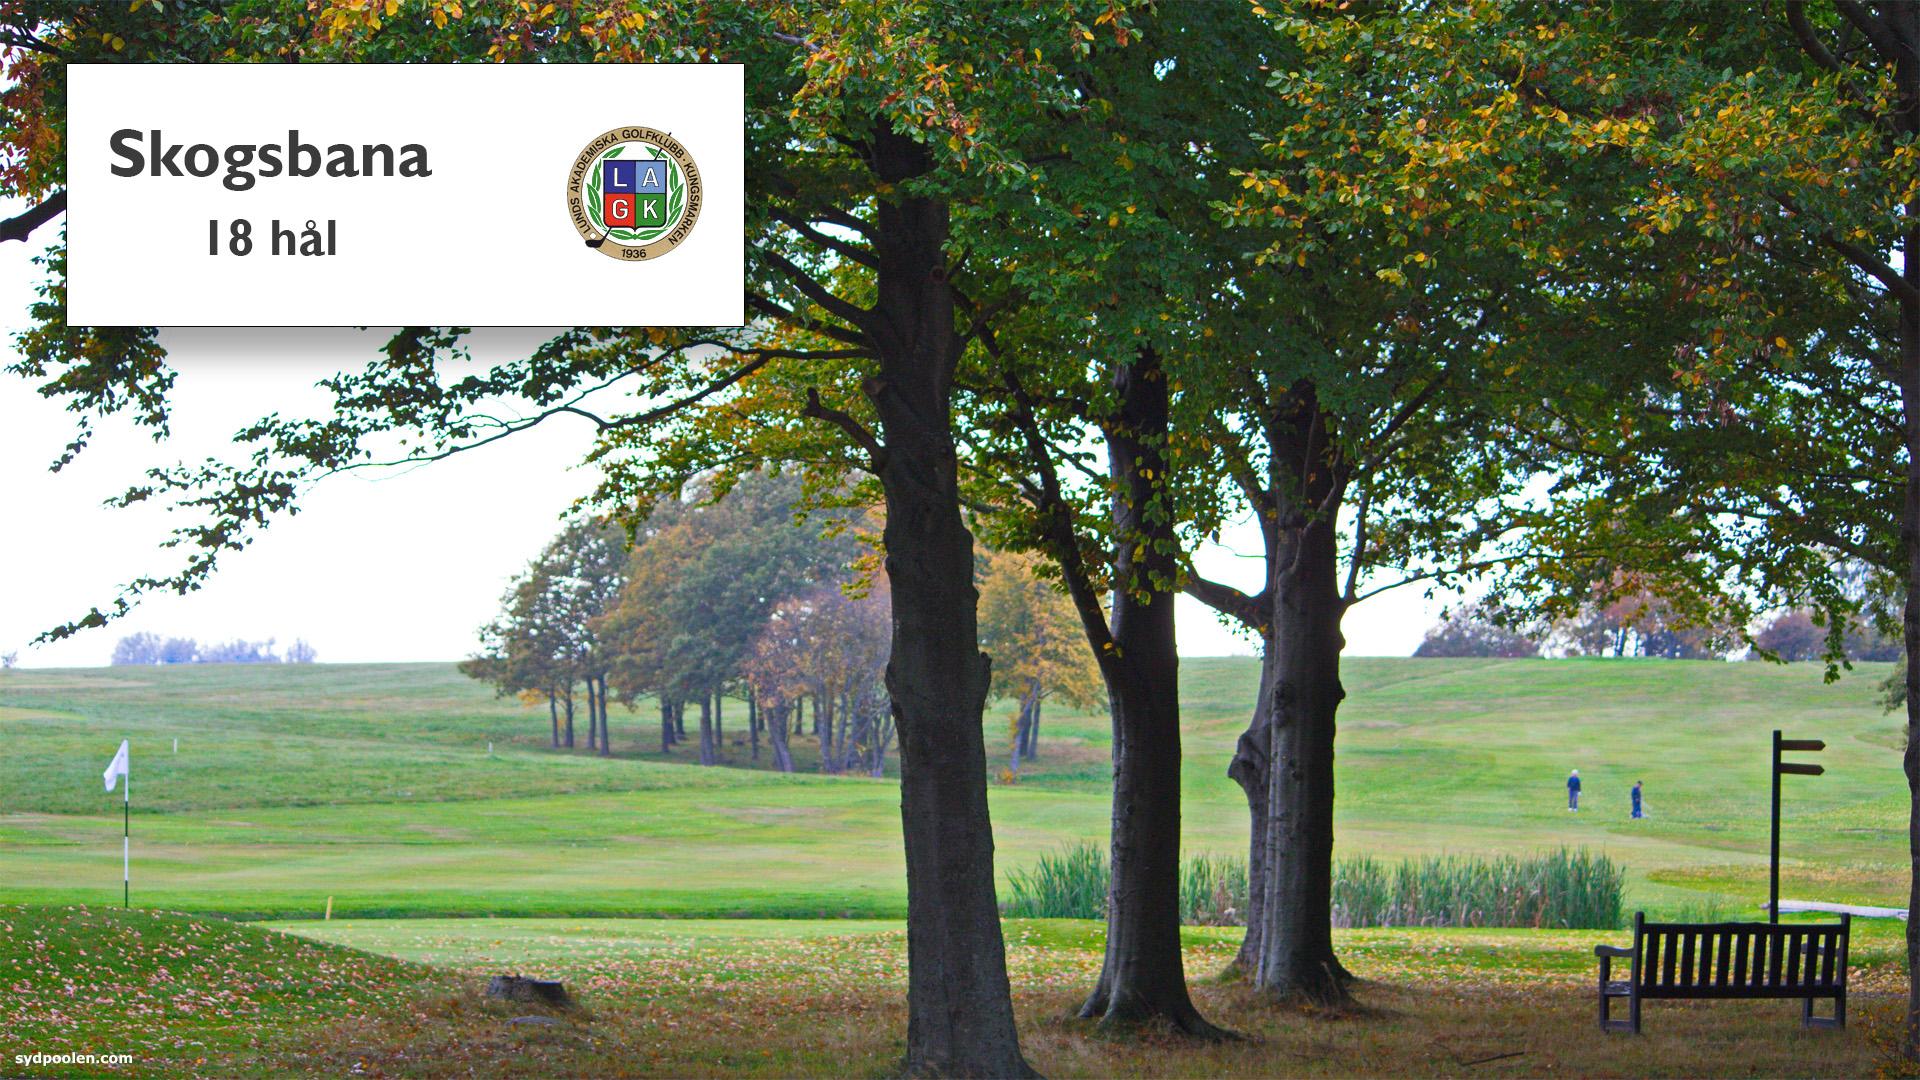 Lunds Akademiska Golfklubb